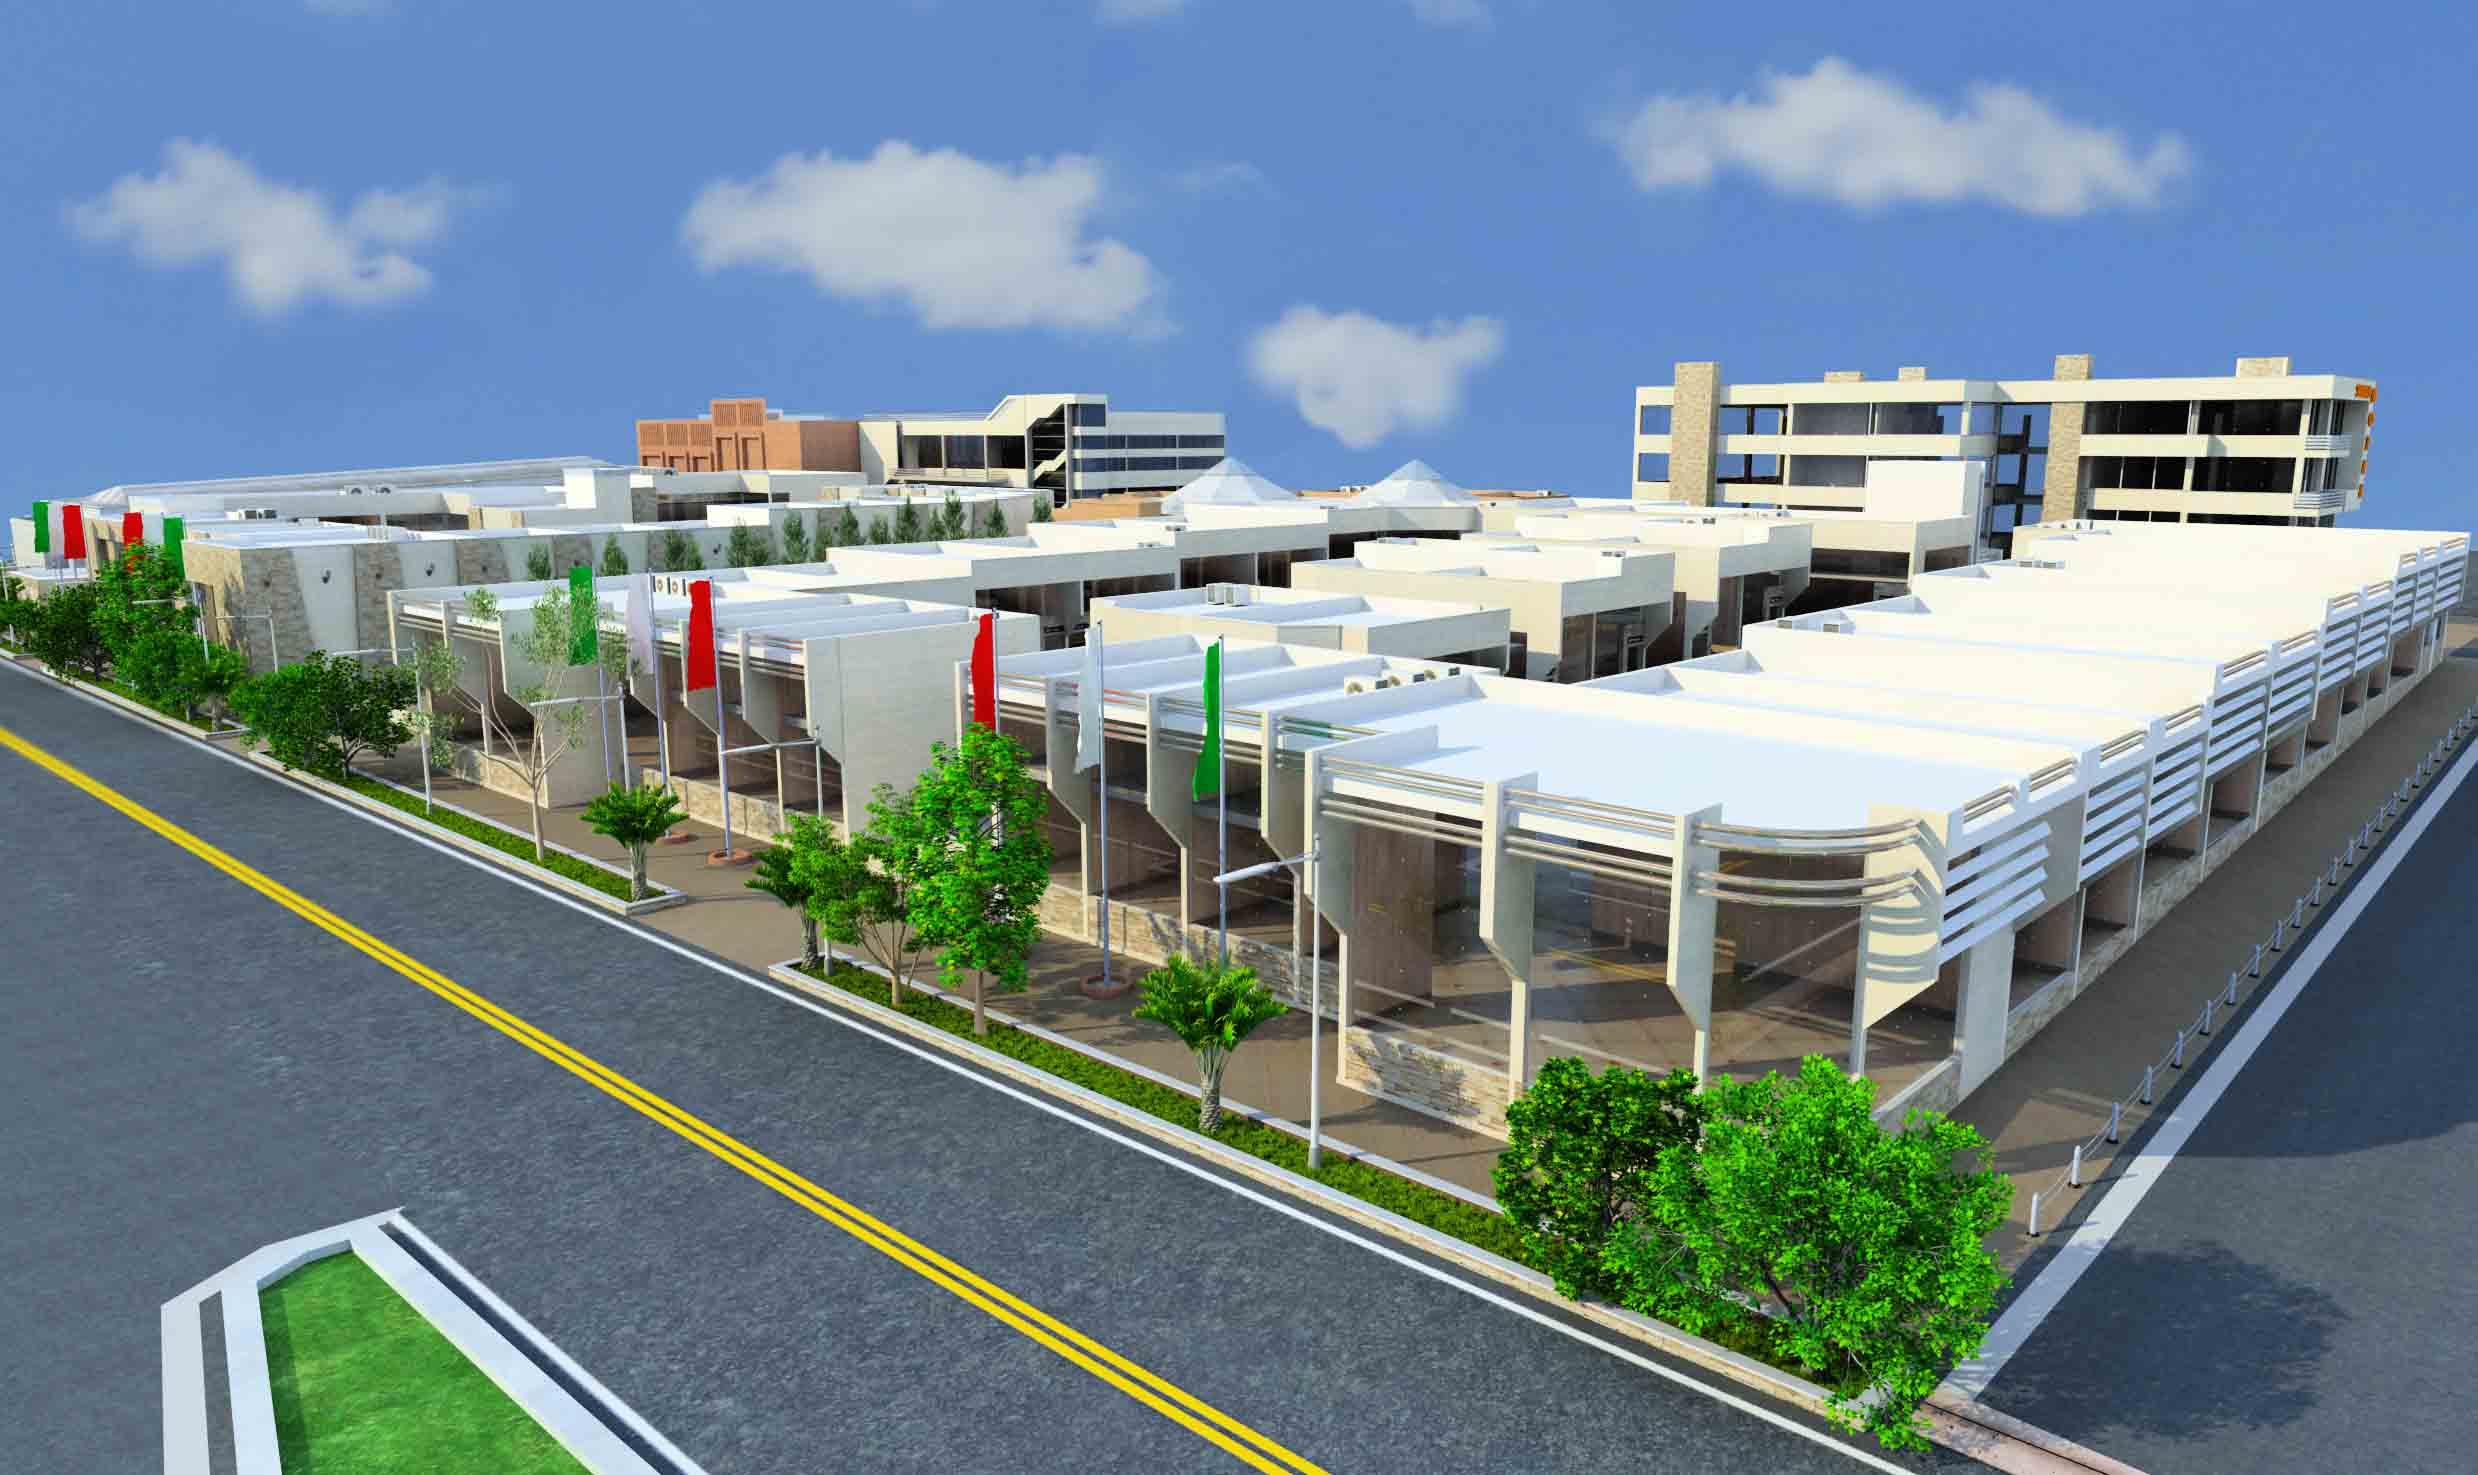 مجموعه گردشگری دانشمحور برای اولین بار در کشور در نجف آباد ساخته میشود